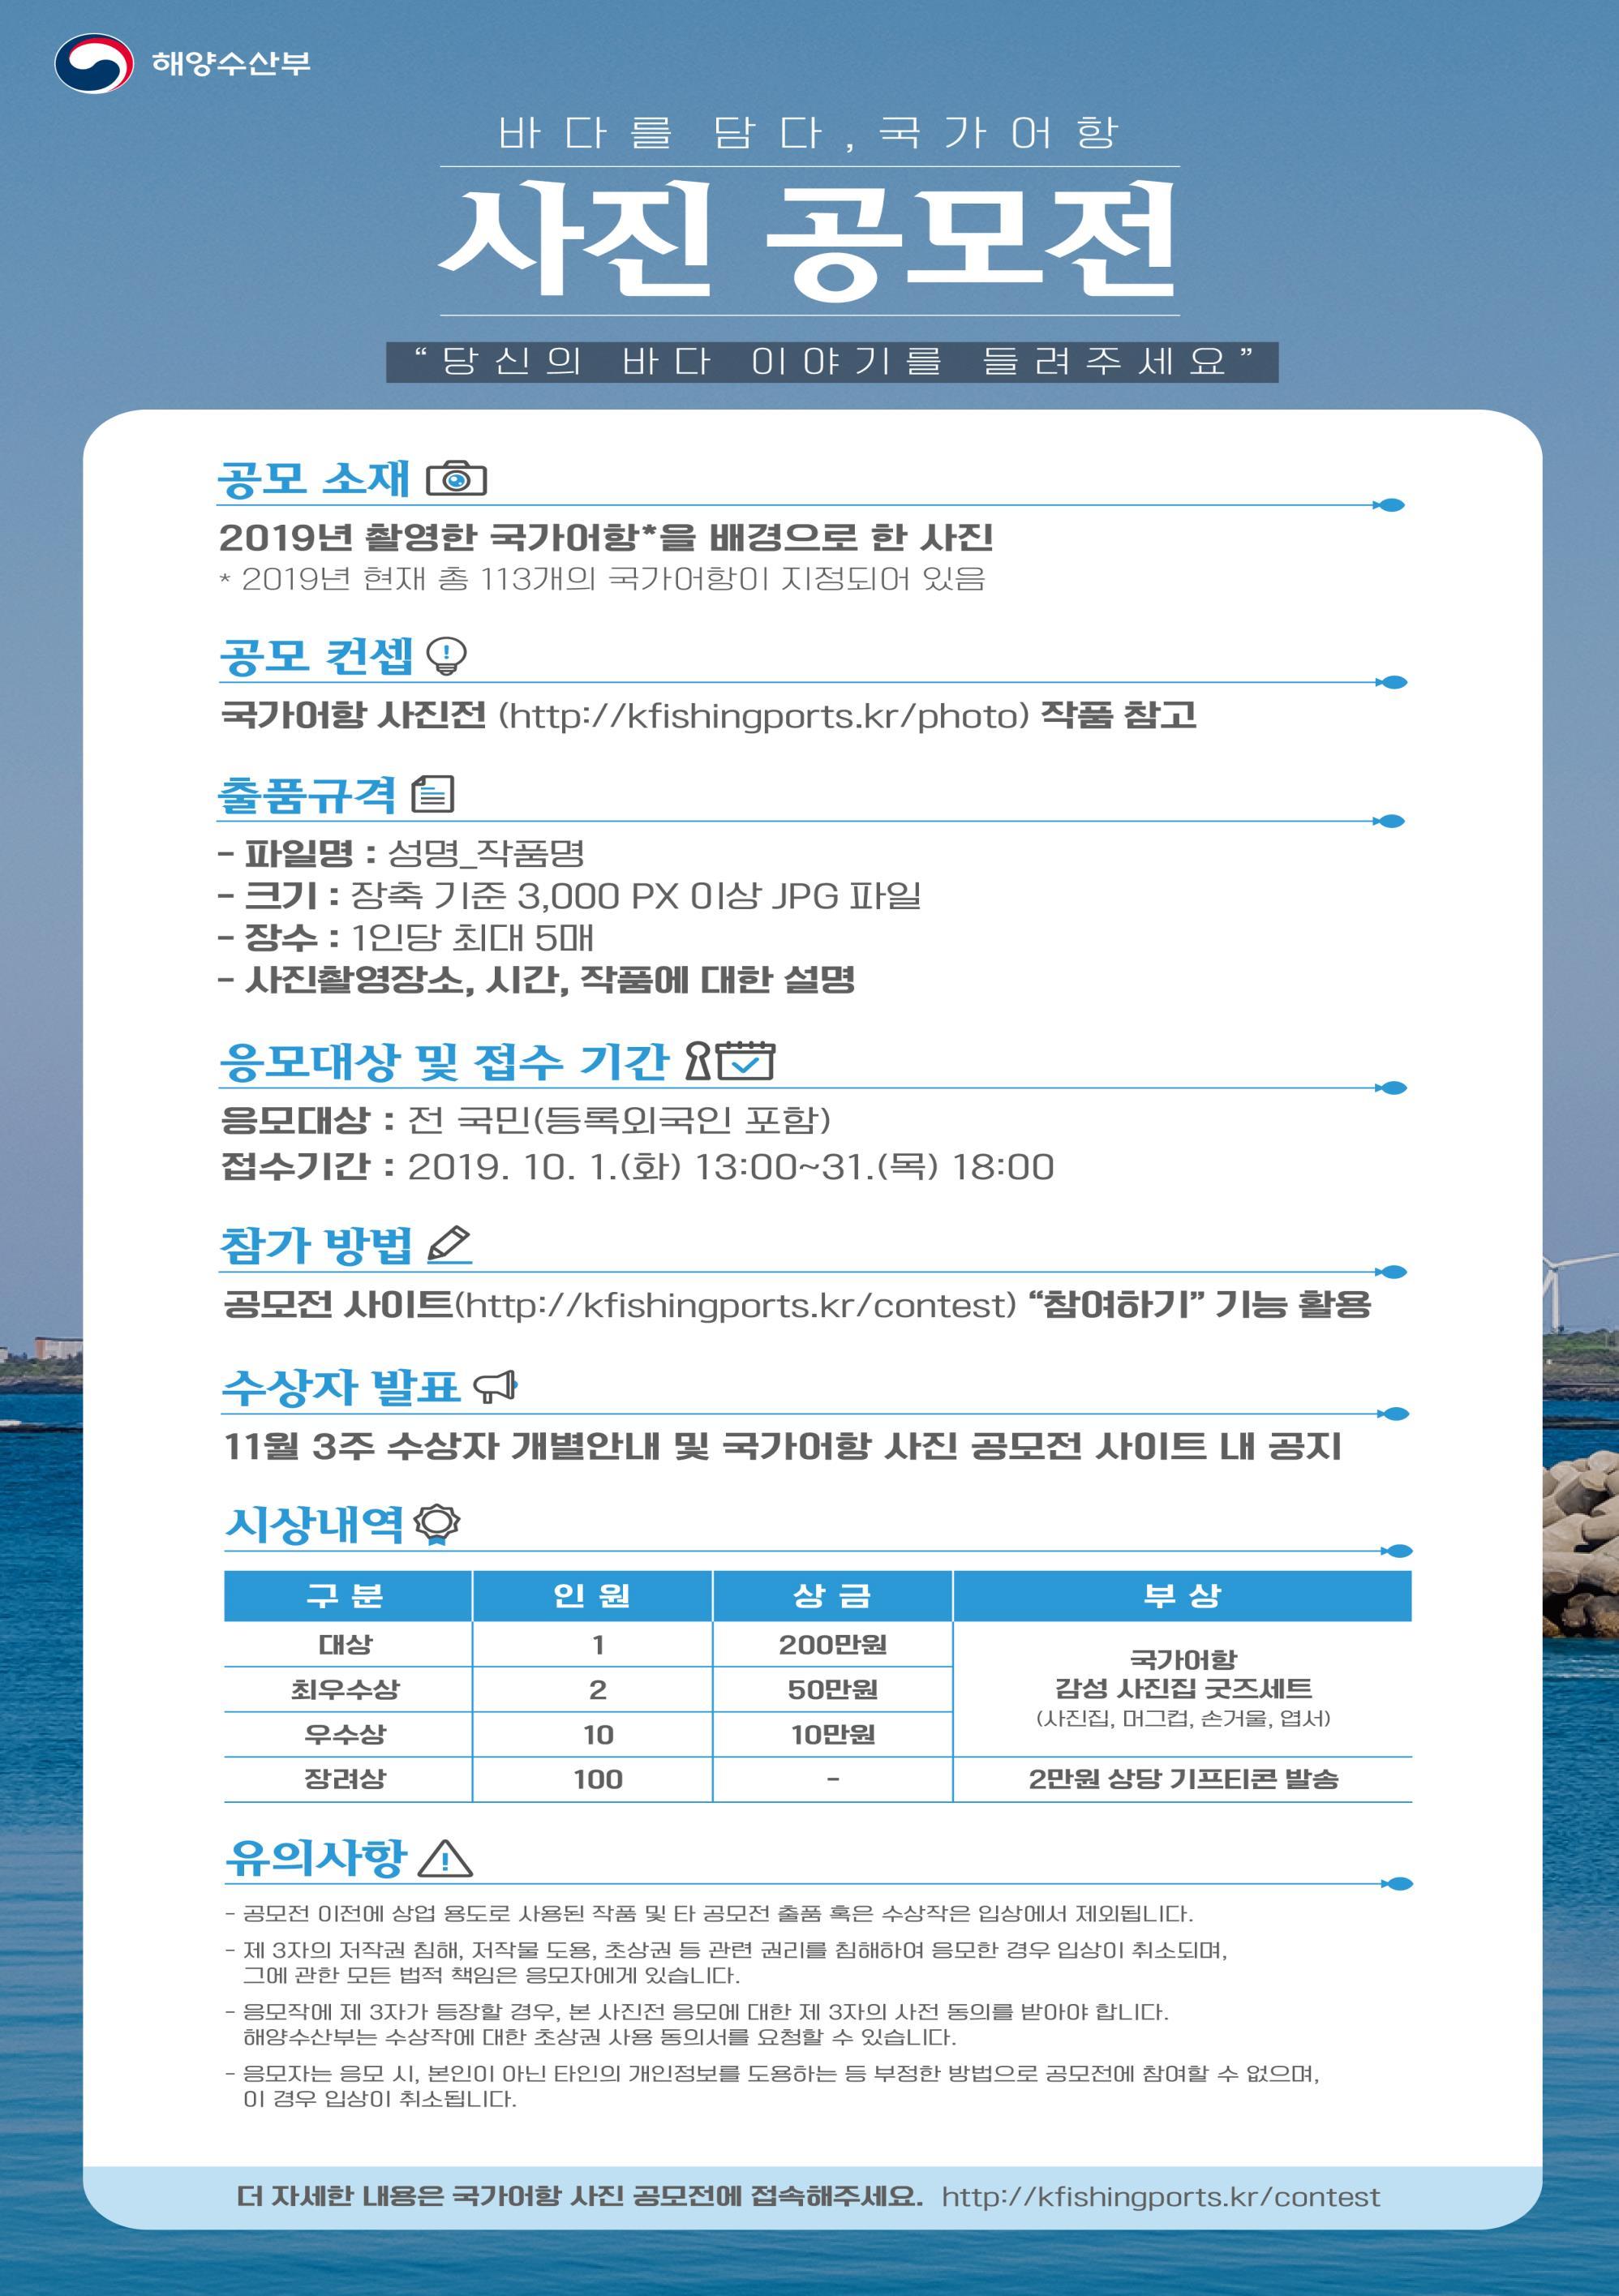 국가어항 디지털 사진 공모전 포스터